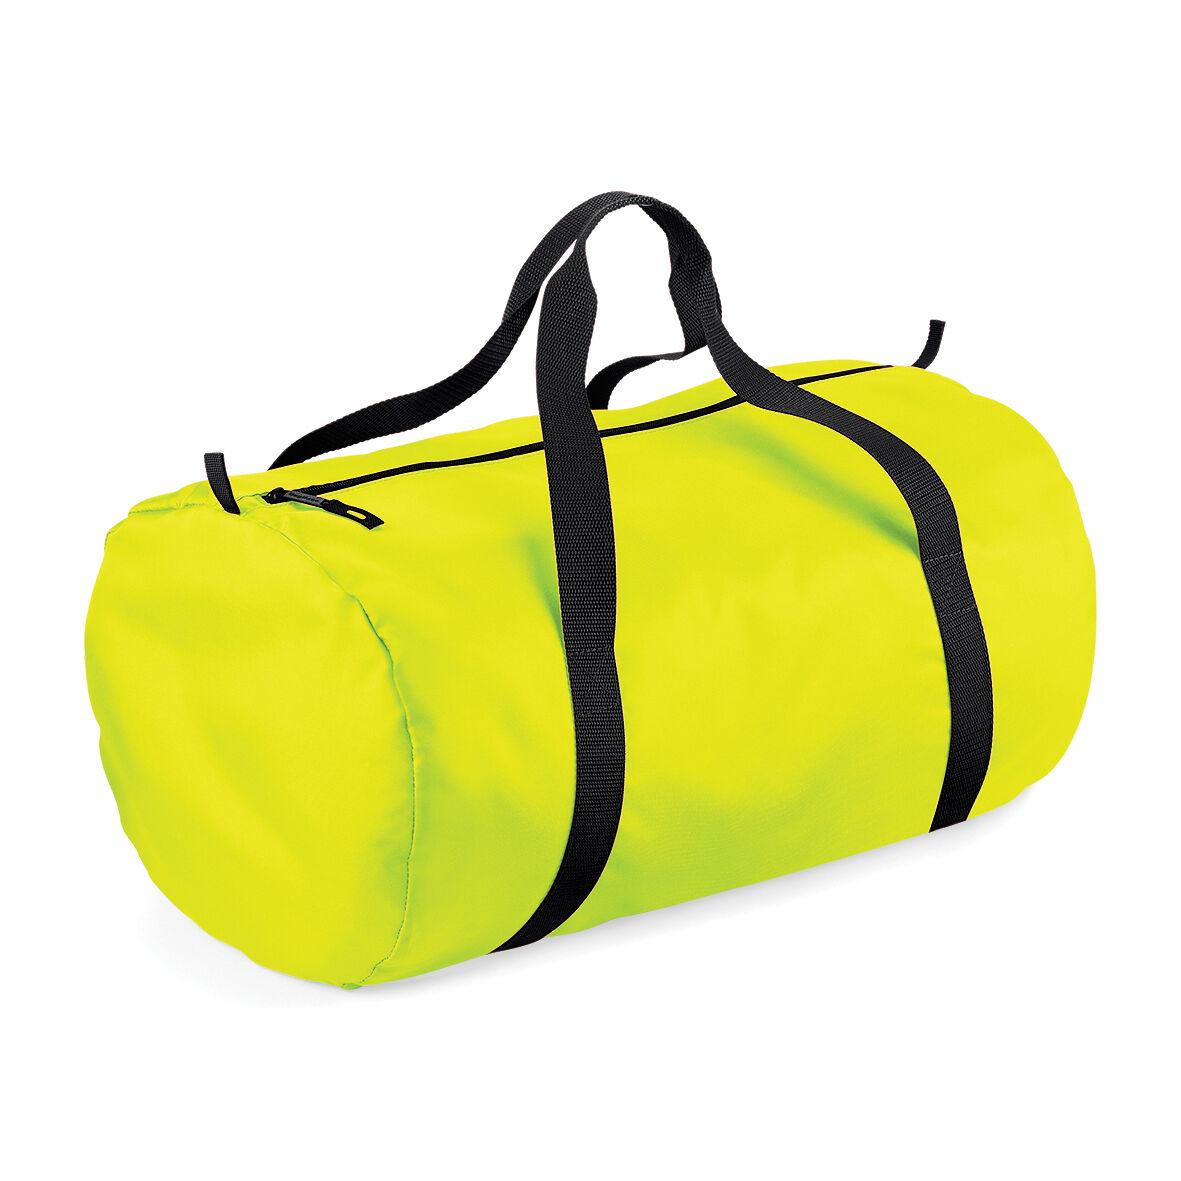 Bagbase Packaway - Sac De Voyage (32 Litres) (Lot De 2) (Jaune fluo/Noir) - UTRW6915